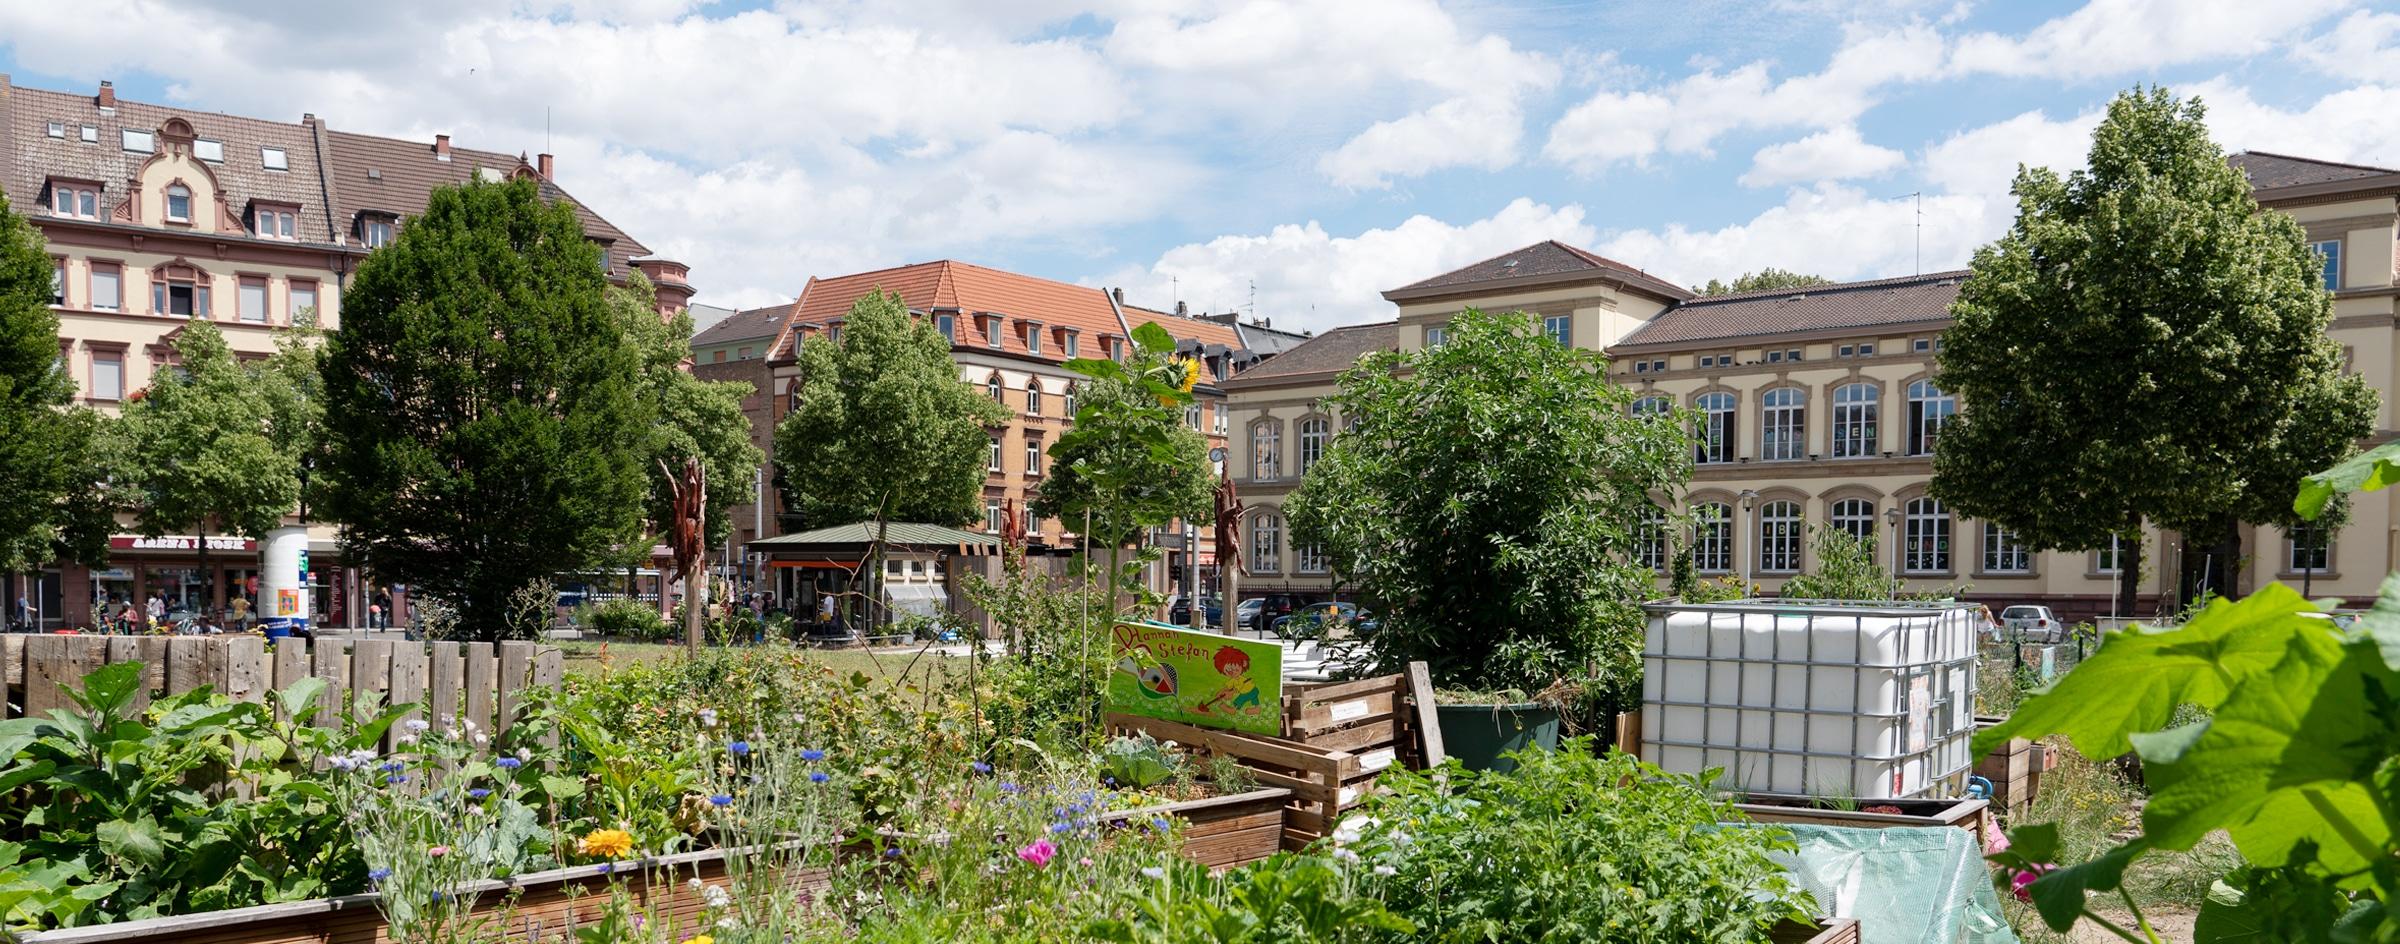 Urban Gardening Projekt auf dem Neumarkt